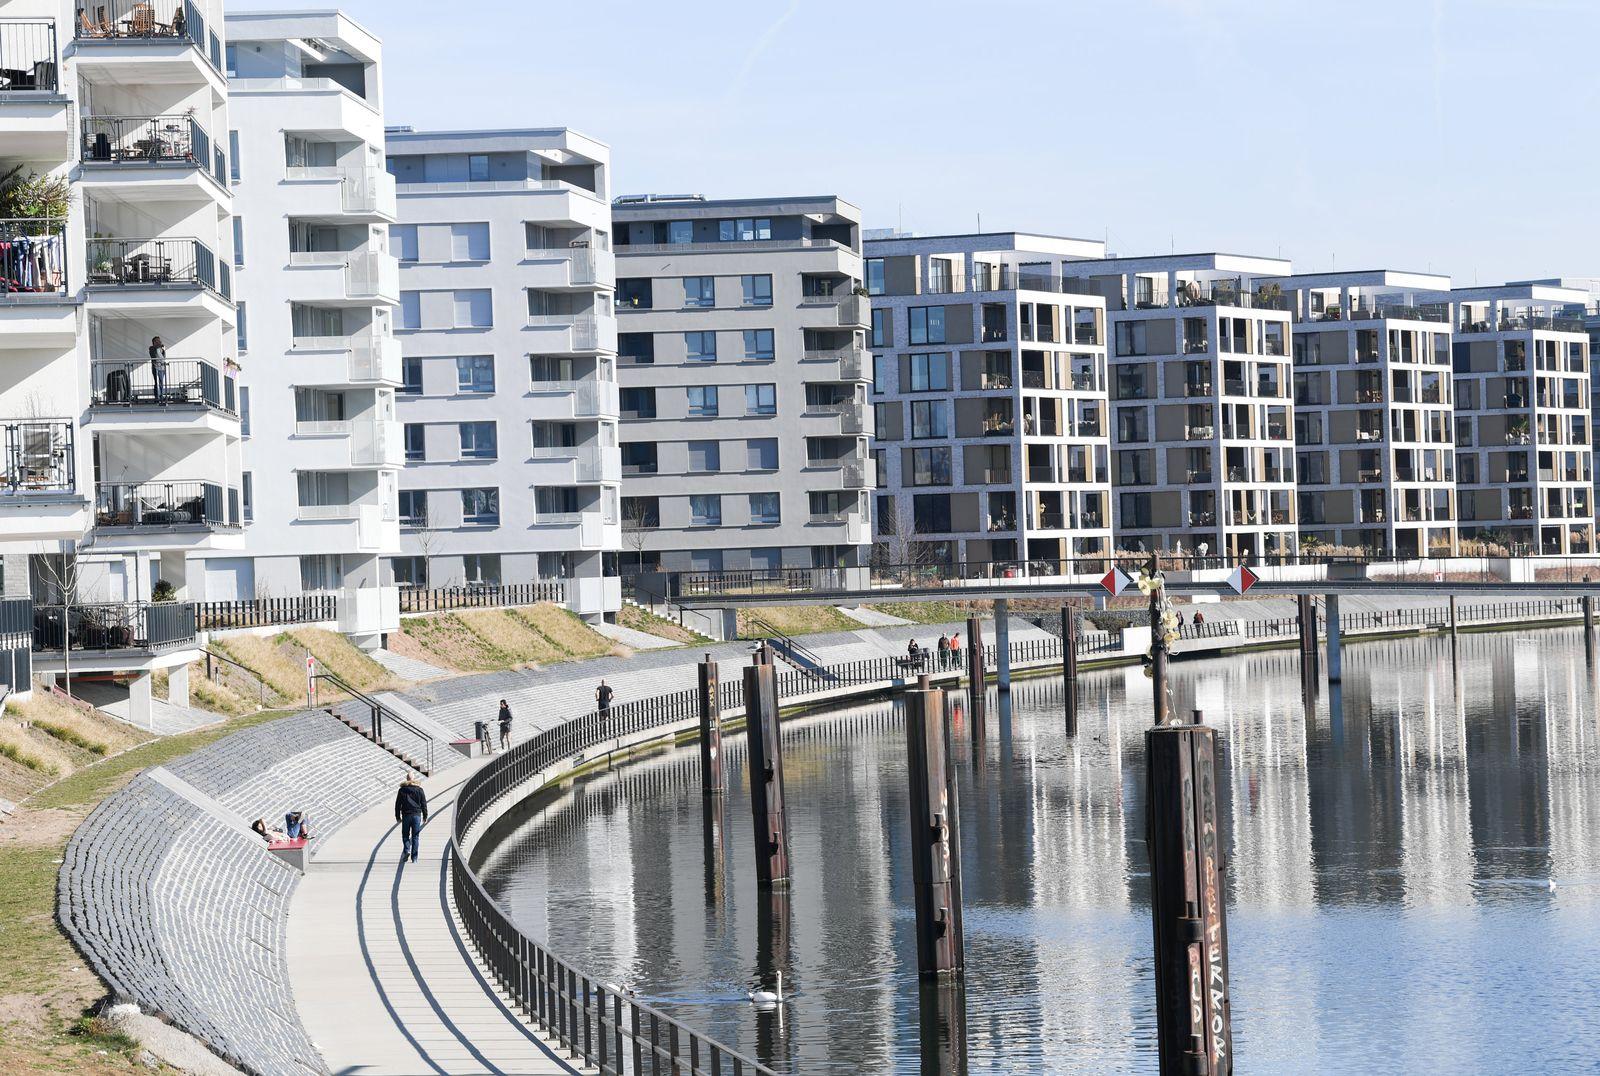 Grundsteuer in Offenbach soll steigen